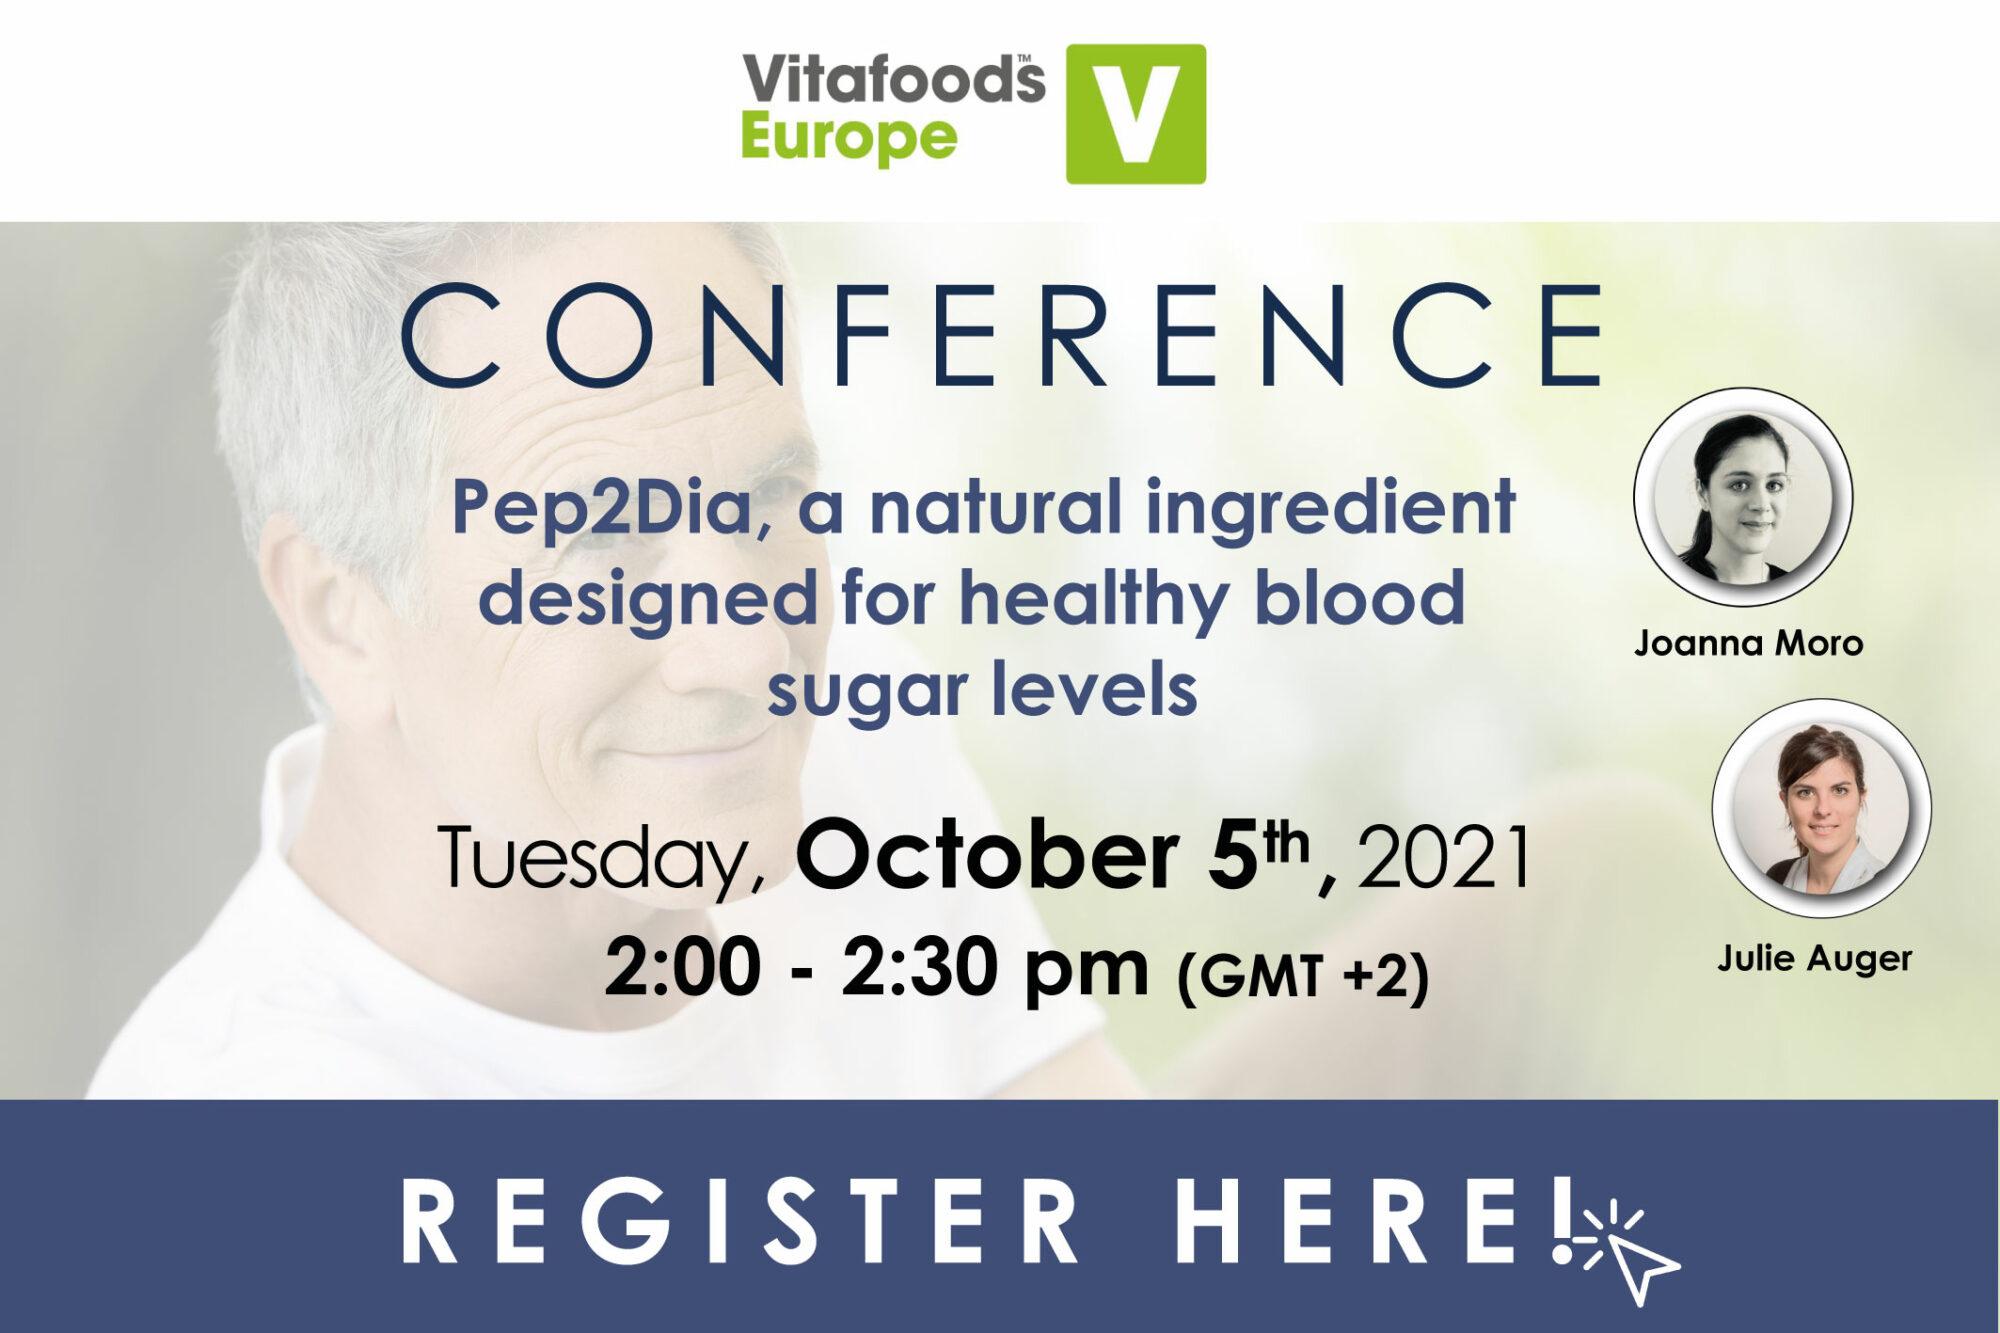 événement Vitafoods 2021 ingrédient laitier protéine actif santé